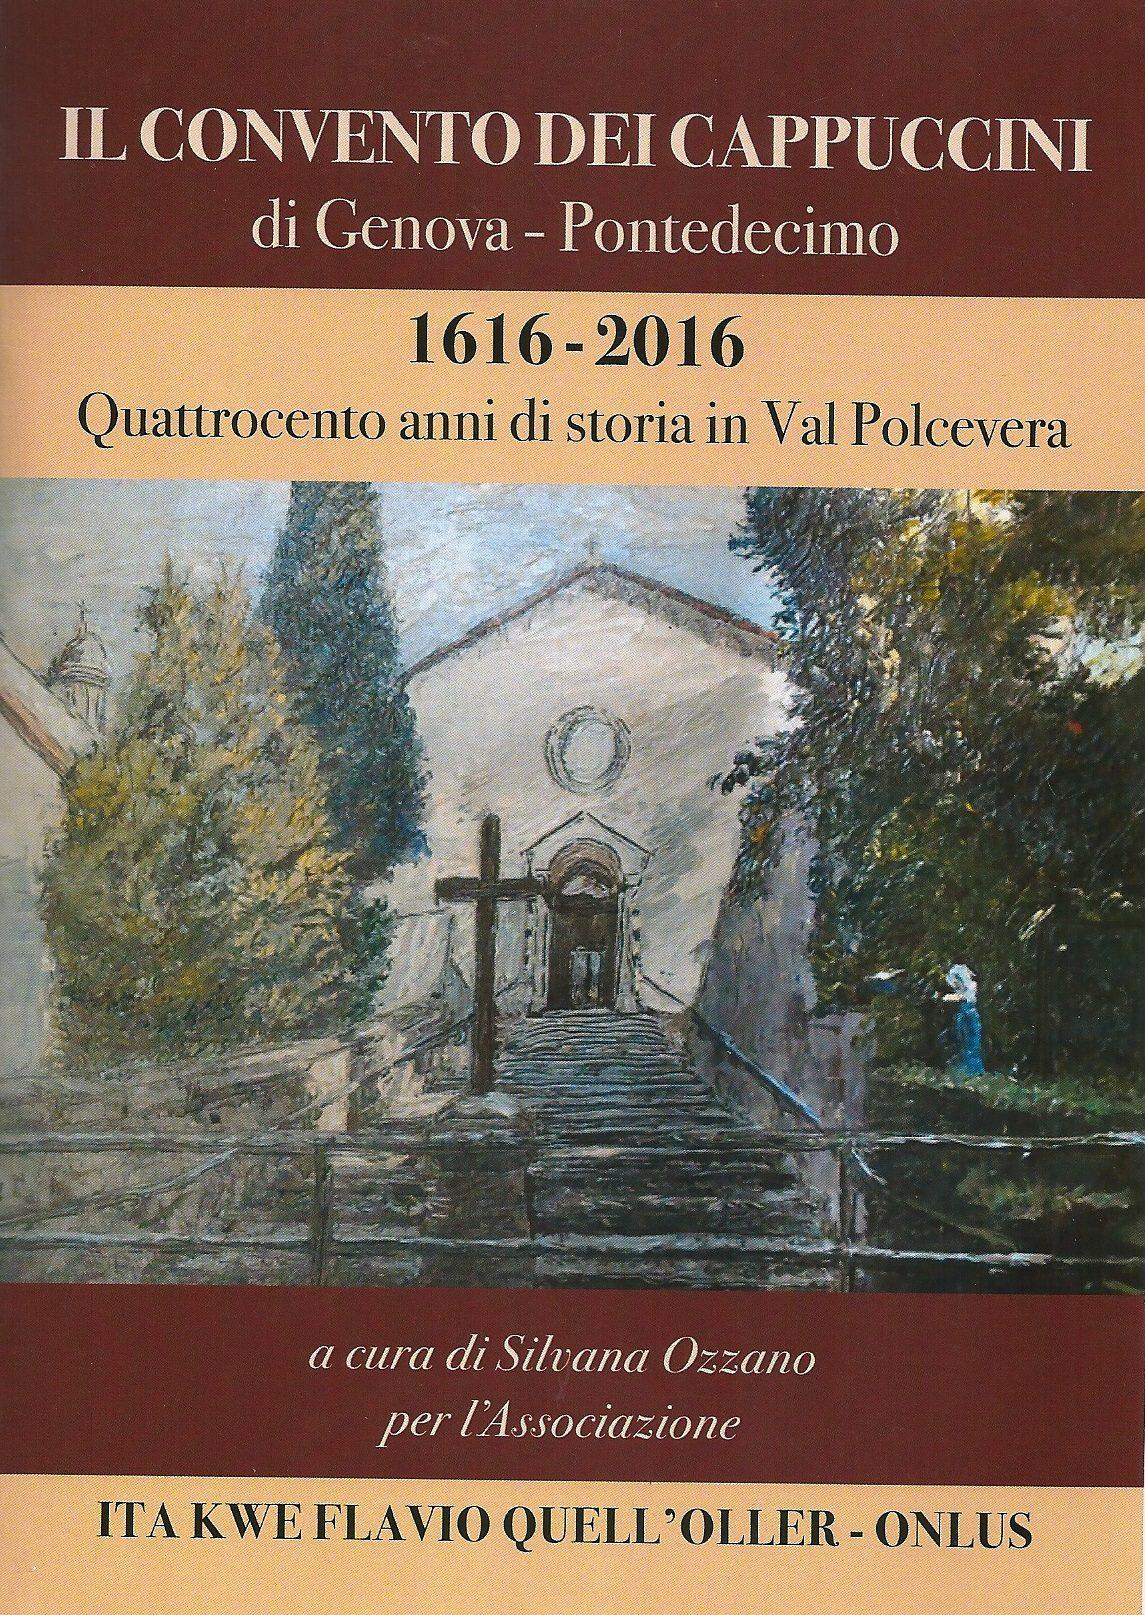 Copertina libro su Convento